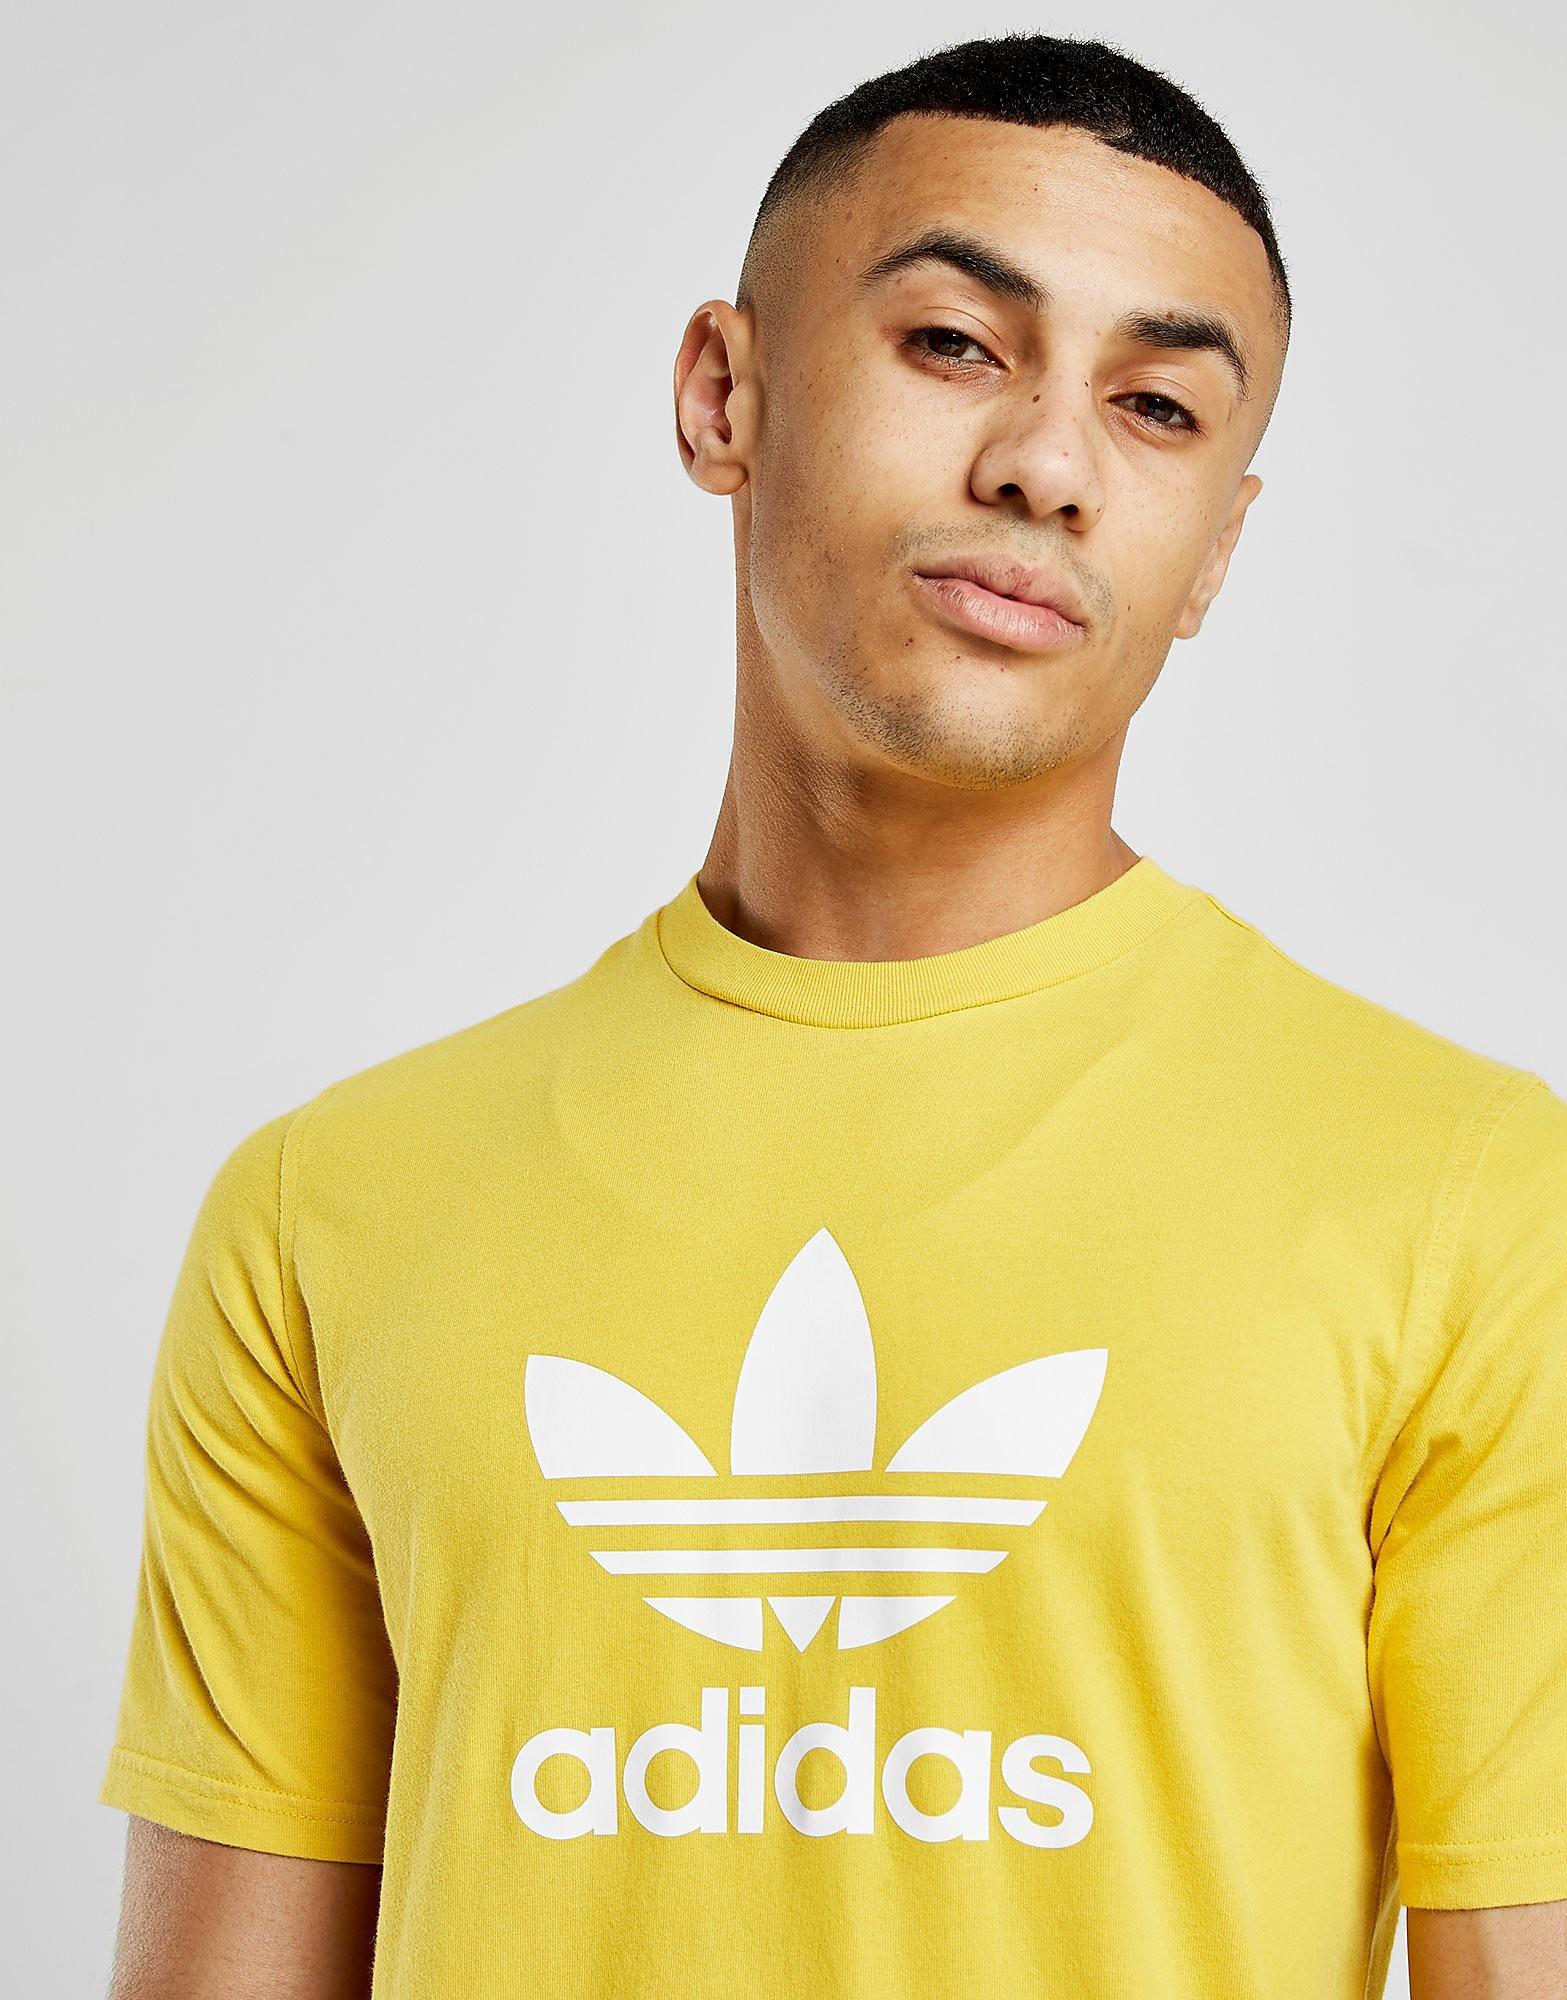 adidas Originals camiseta Trefoil